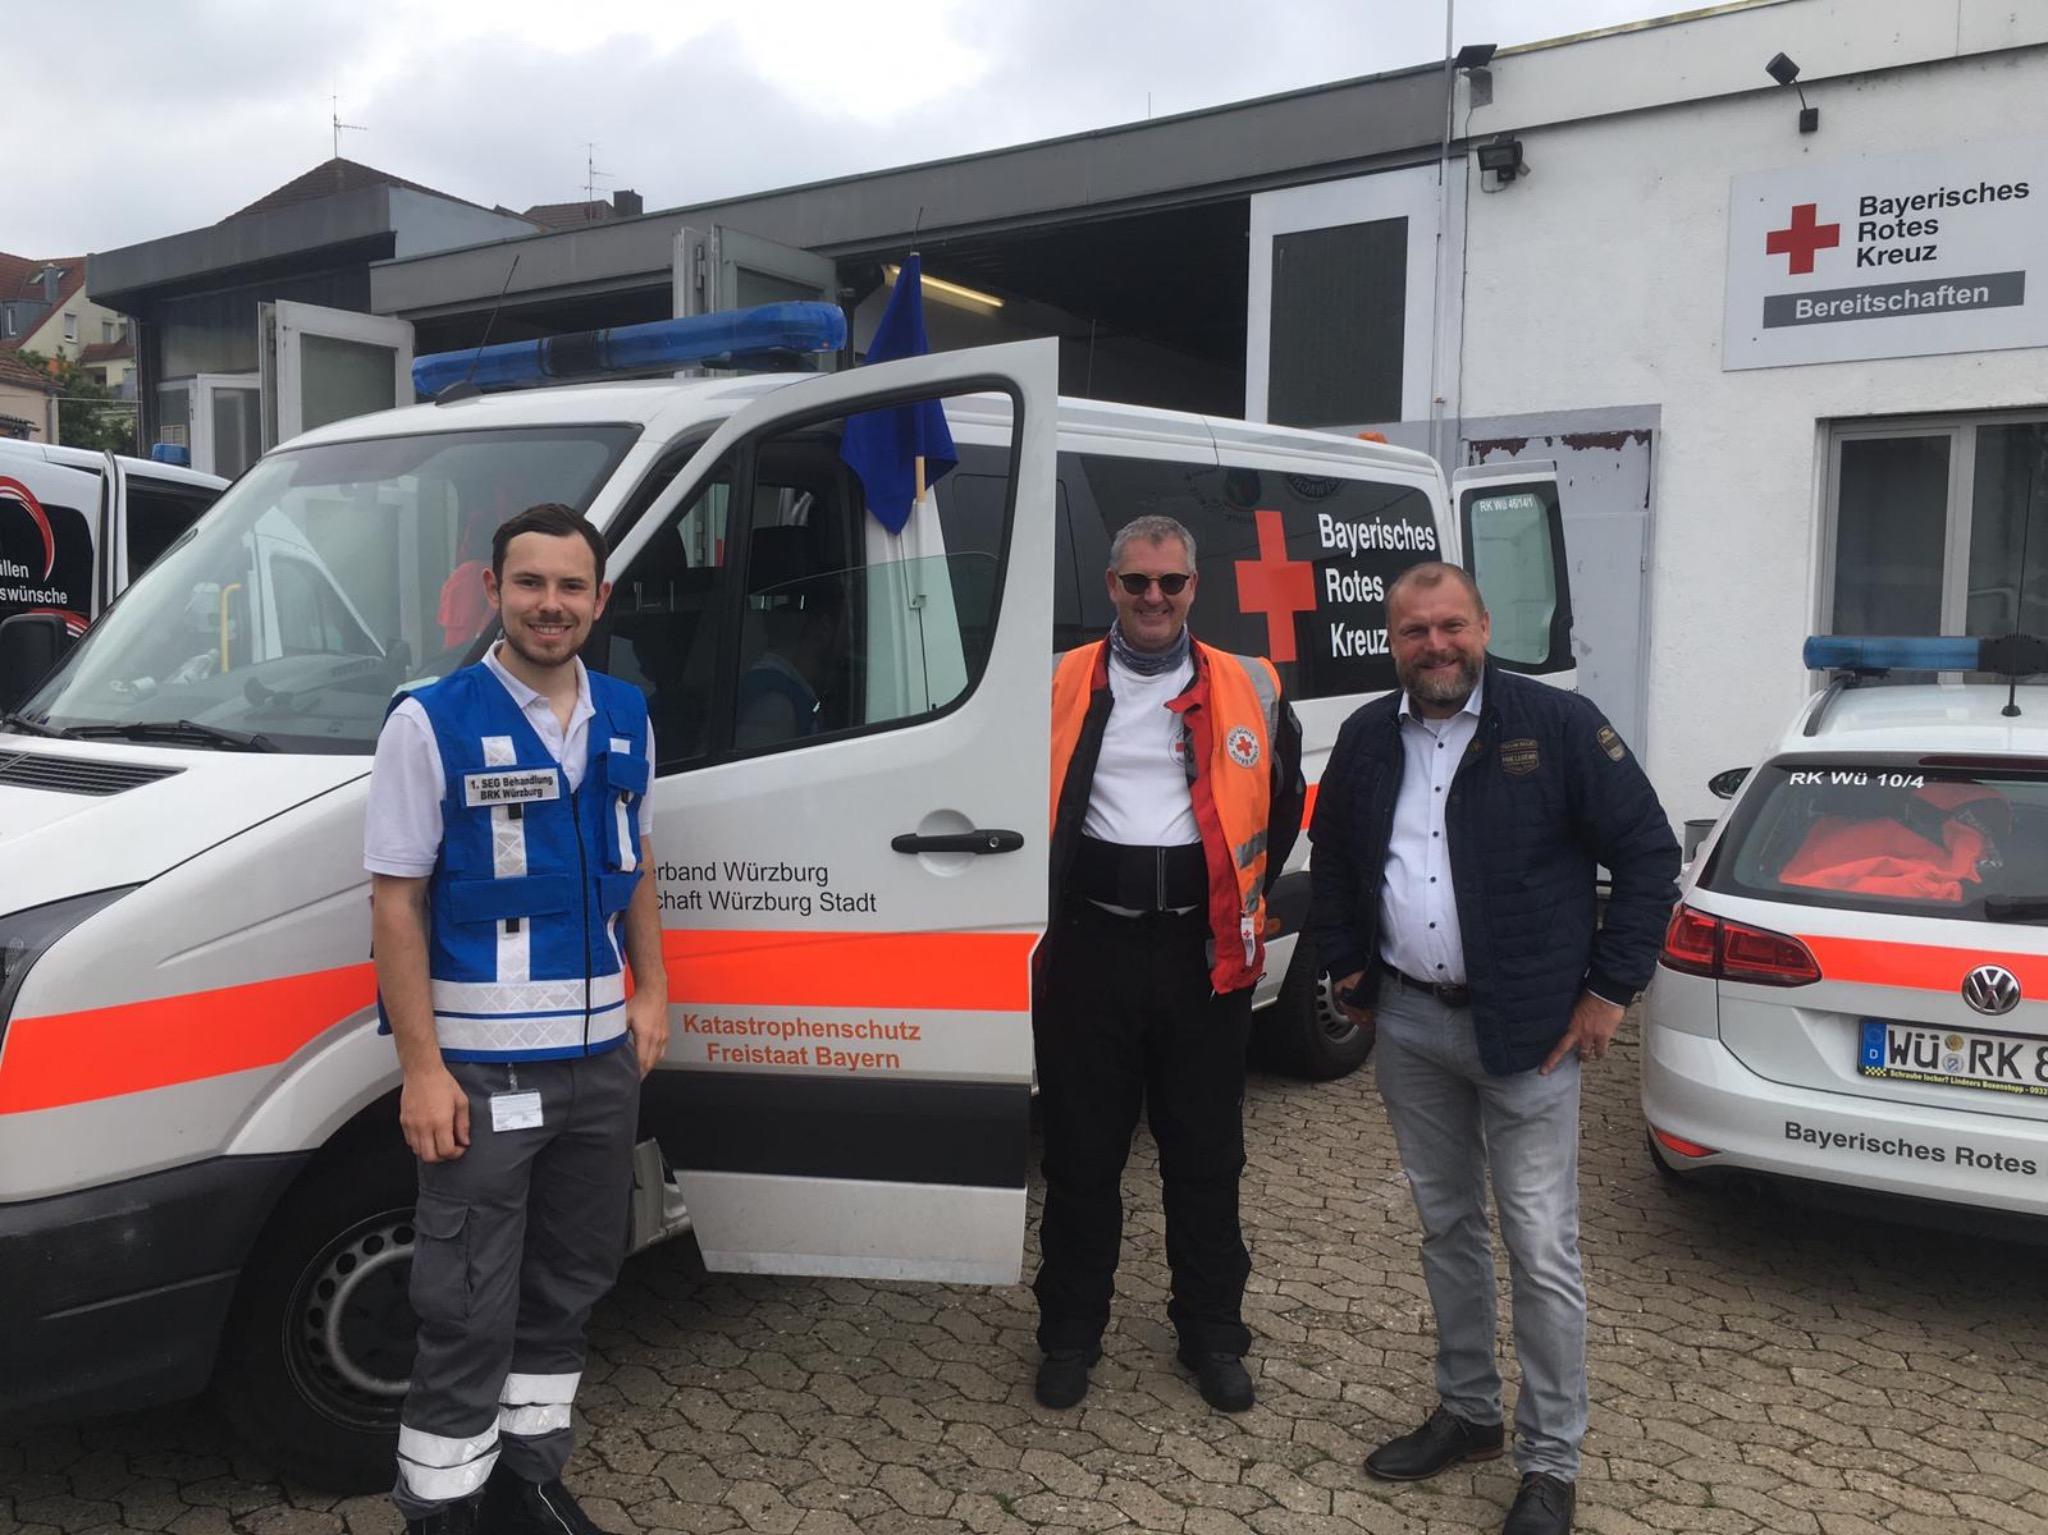 BRK-Vorsitzender Thomas Eberth (rechts) verabschiedet die Würzburger Teil-Einheit. Foto: Doku-Team BRK Würzburg